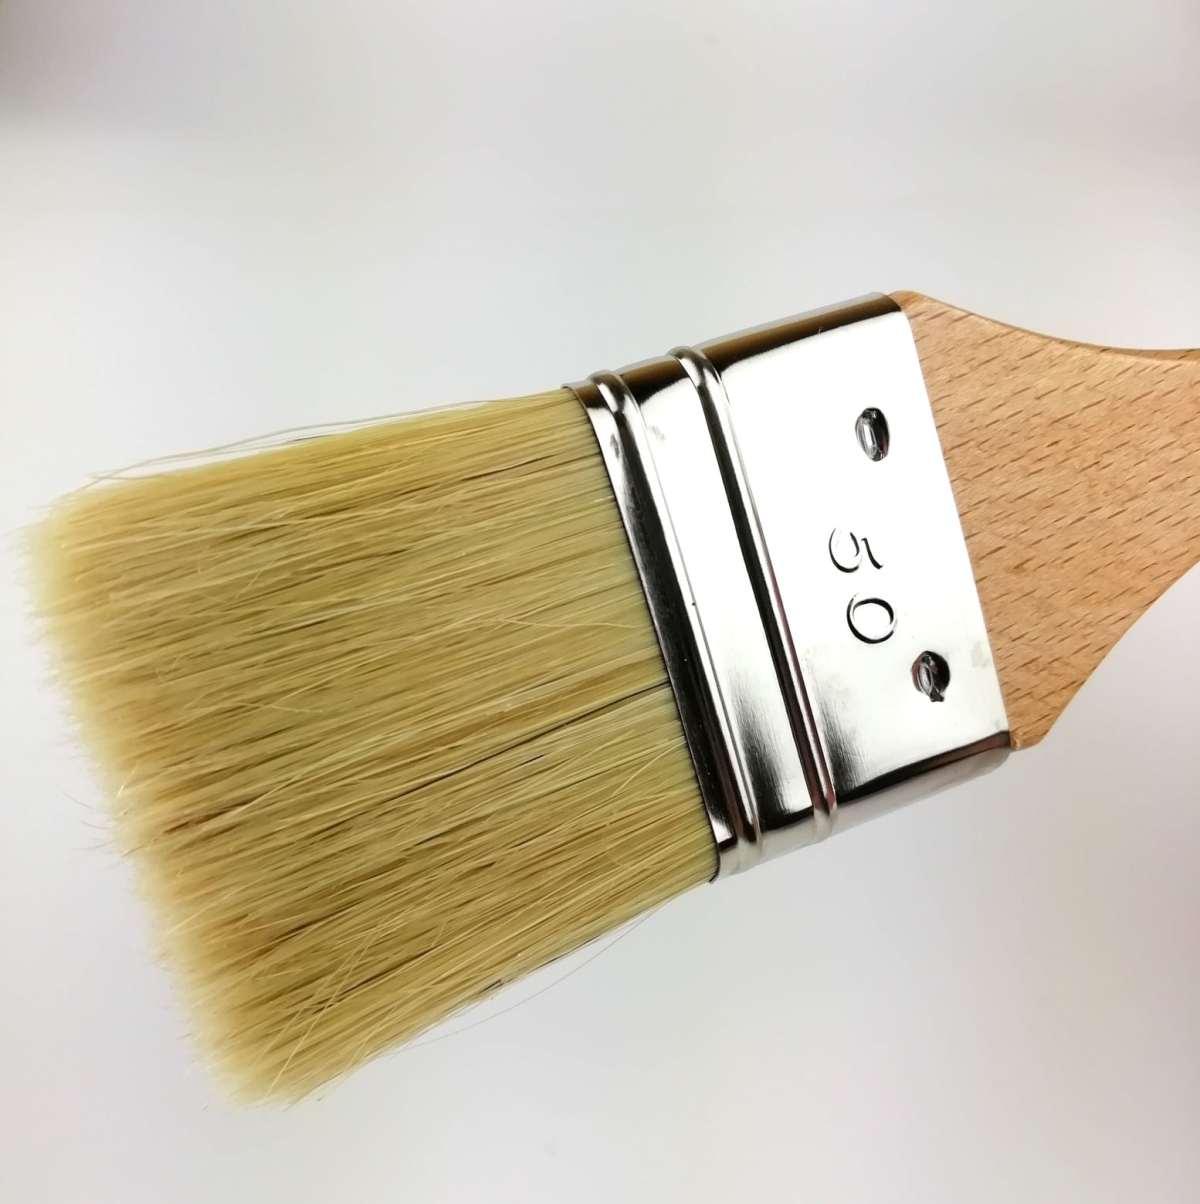 pinceau taille medium 50mm à manche hêtre vernis